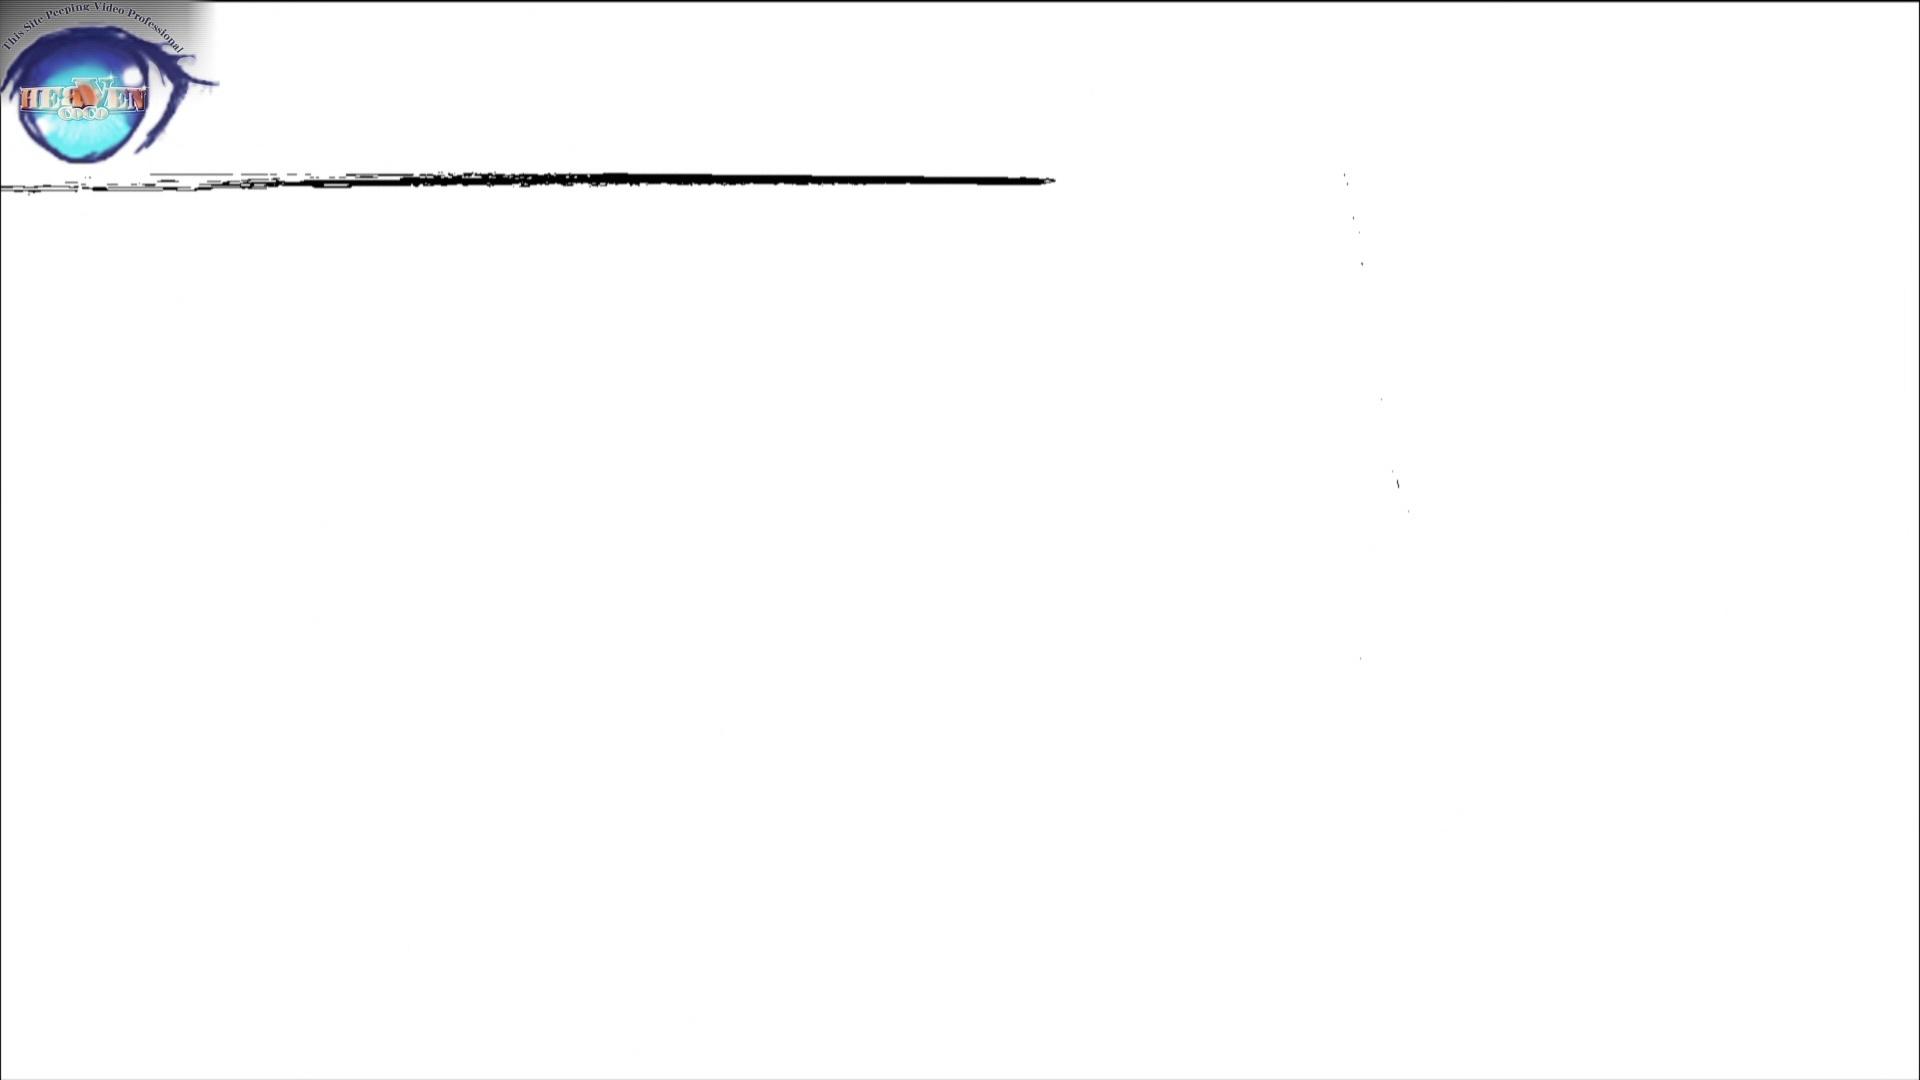 洗面所突入レポート!!お銀 vol.67 新たな場所への挑戦が始まる!!後編 OLのエロ生活  95連発 3